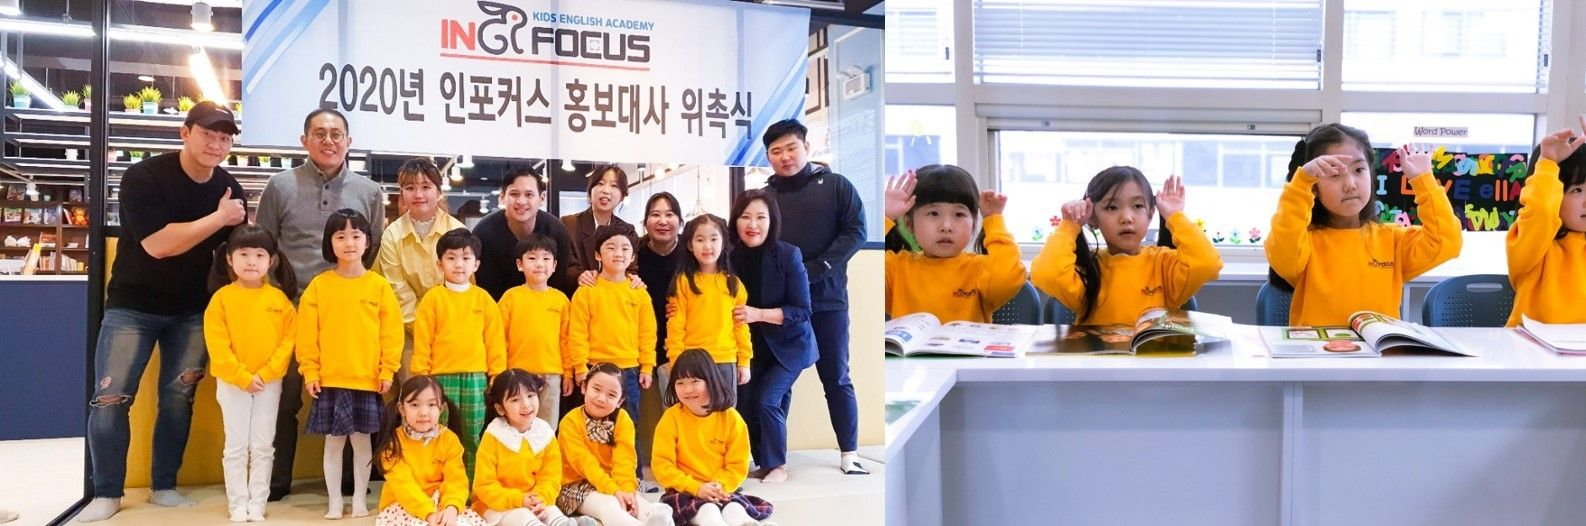 강채원-윤해나 등 아역배우 10人, 인포커스영어영재원 홍보대사 발탁